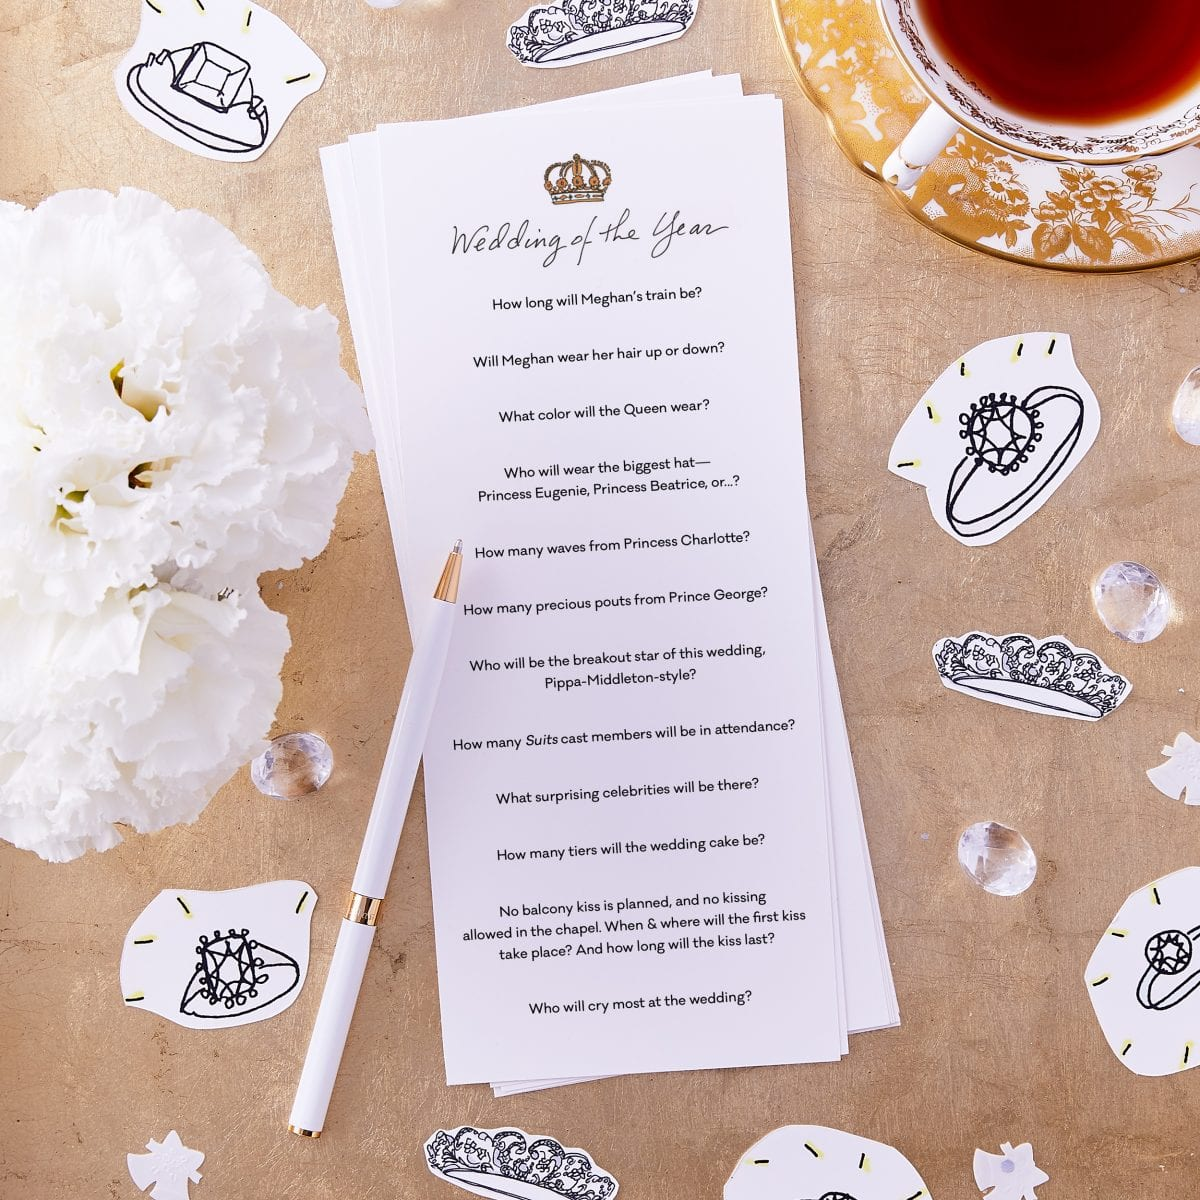 Royal Wedding Predictions | Darcy Miller Designs